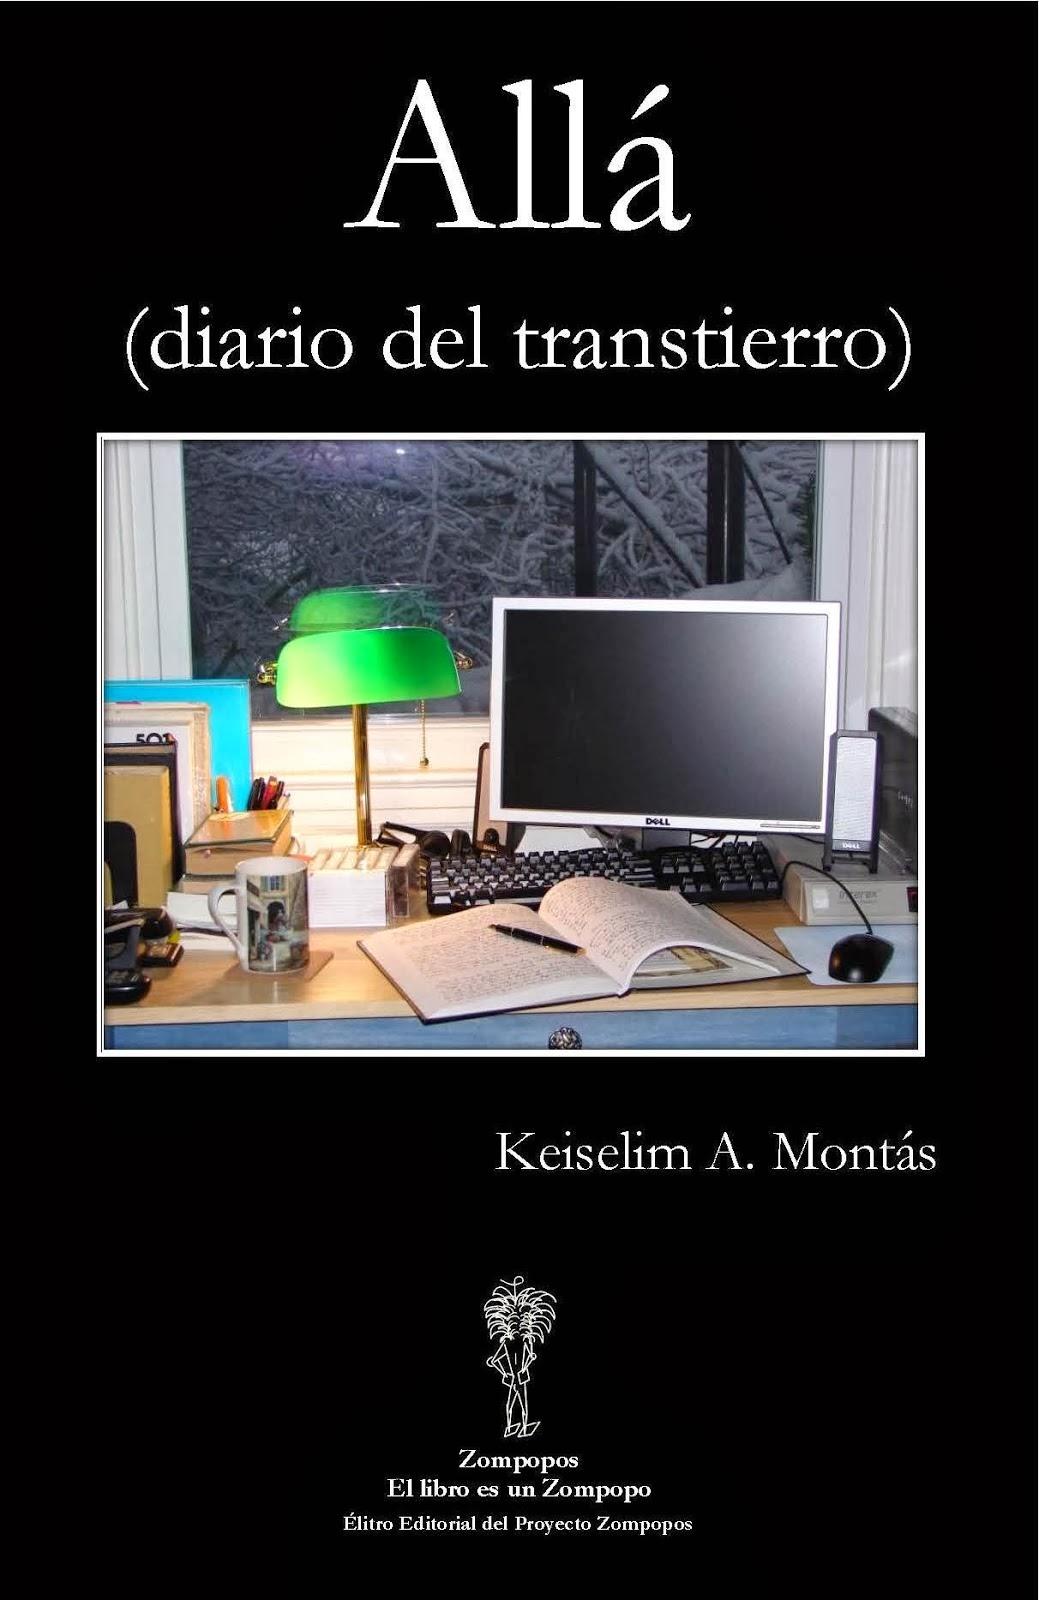 Allá (diario del transtierro) -Poemas- EN FORMATO DIGITAL